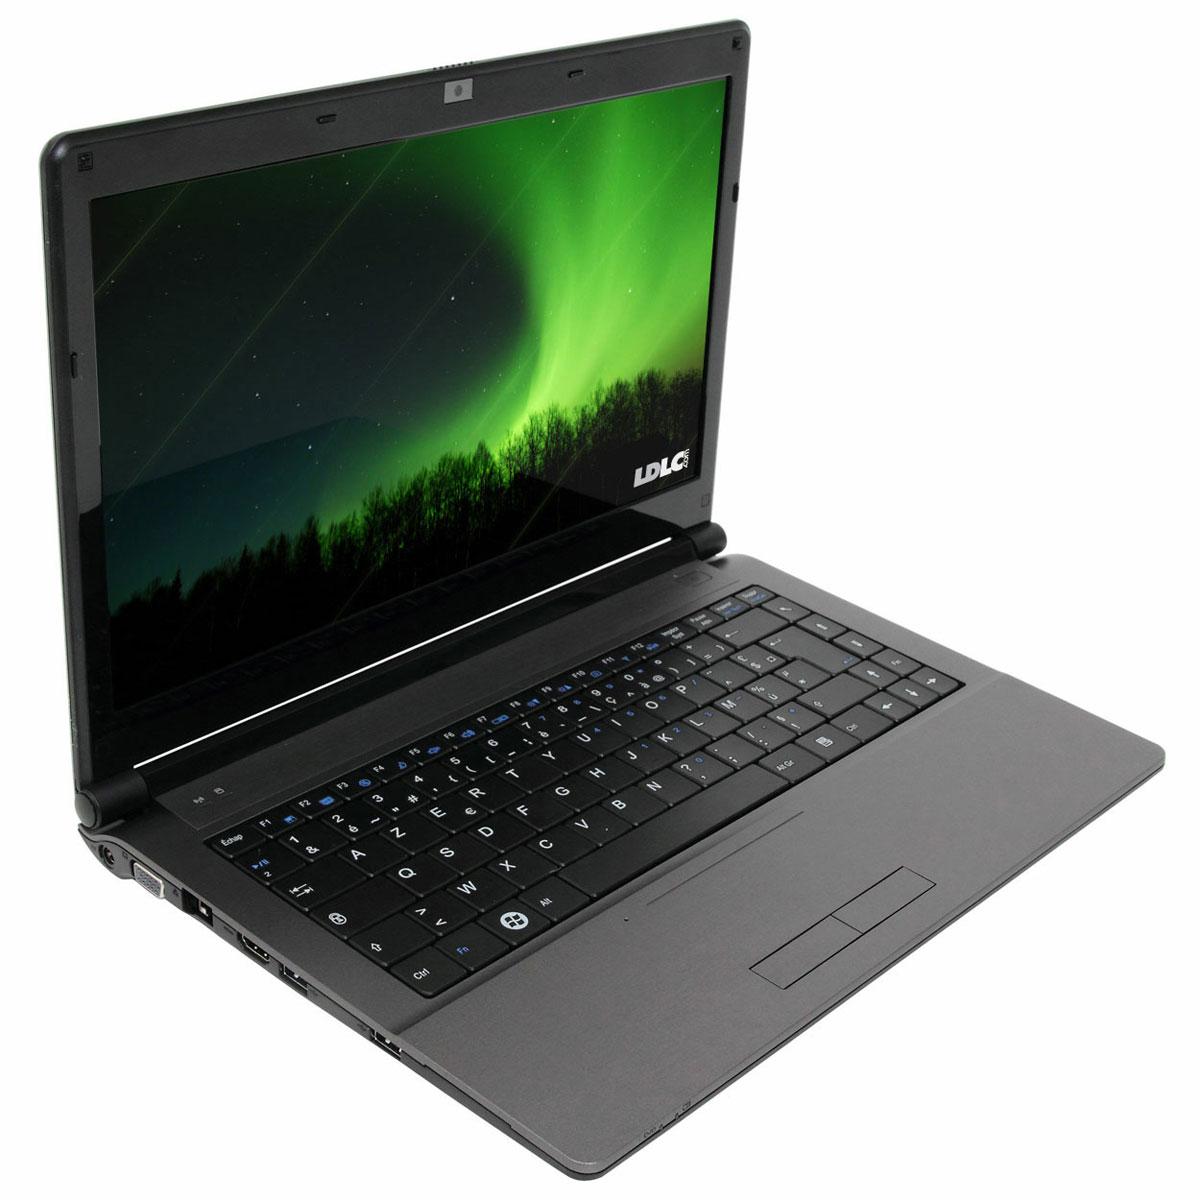 """PC portable LDLC Aurore BS2-I3-4-H2-P Intel Core i3-2310M 4 Go 320 Go 14"""" LED Graveur DVD Wi-Fi N/Bluetooth Webcam Windows 7 Professionnel 64 bits"""